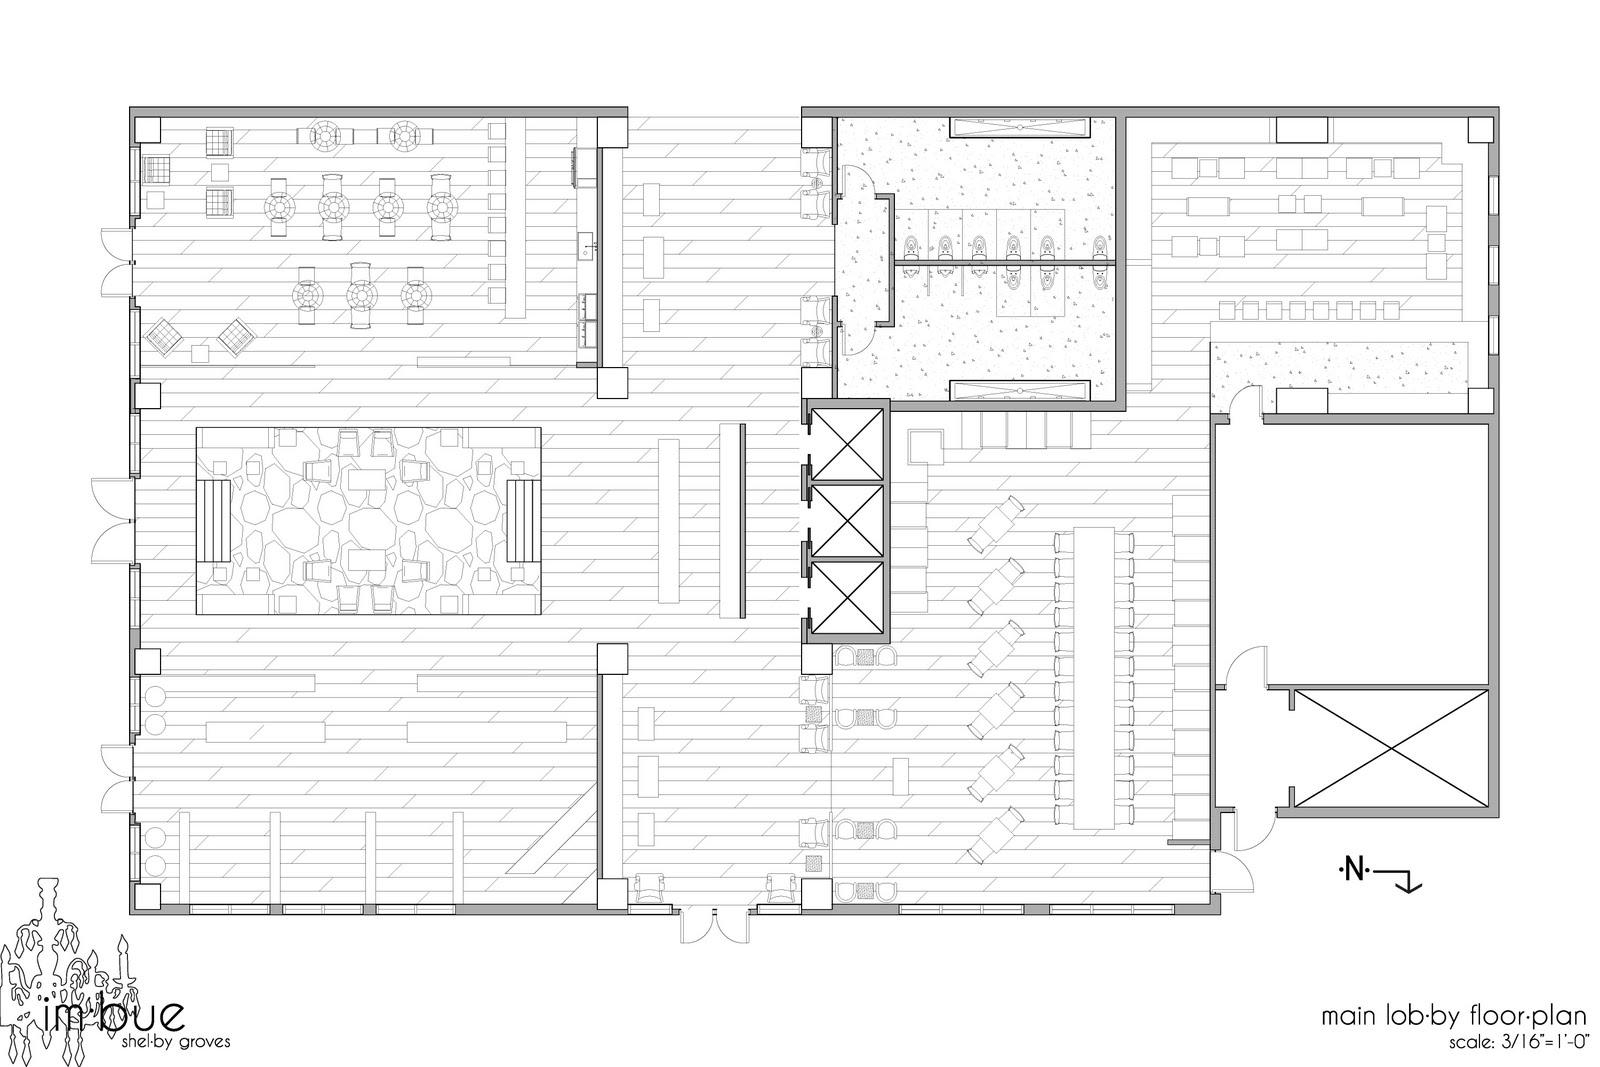 starbucks floor plan layout